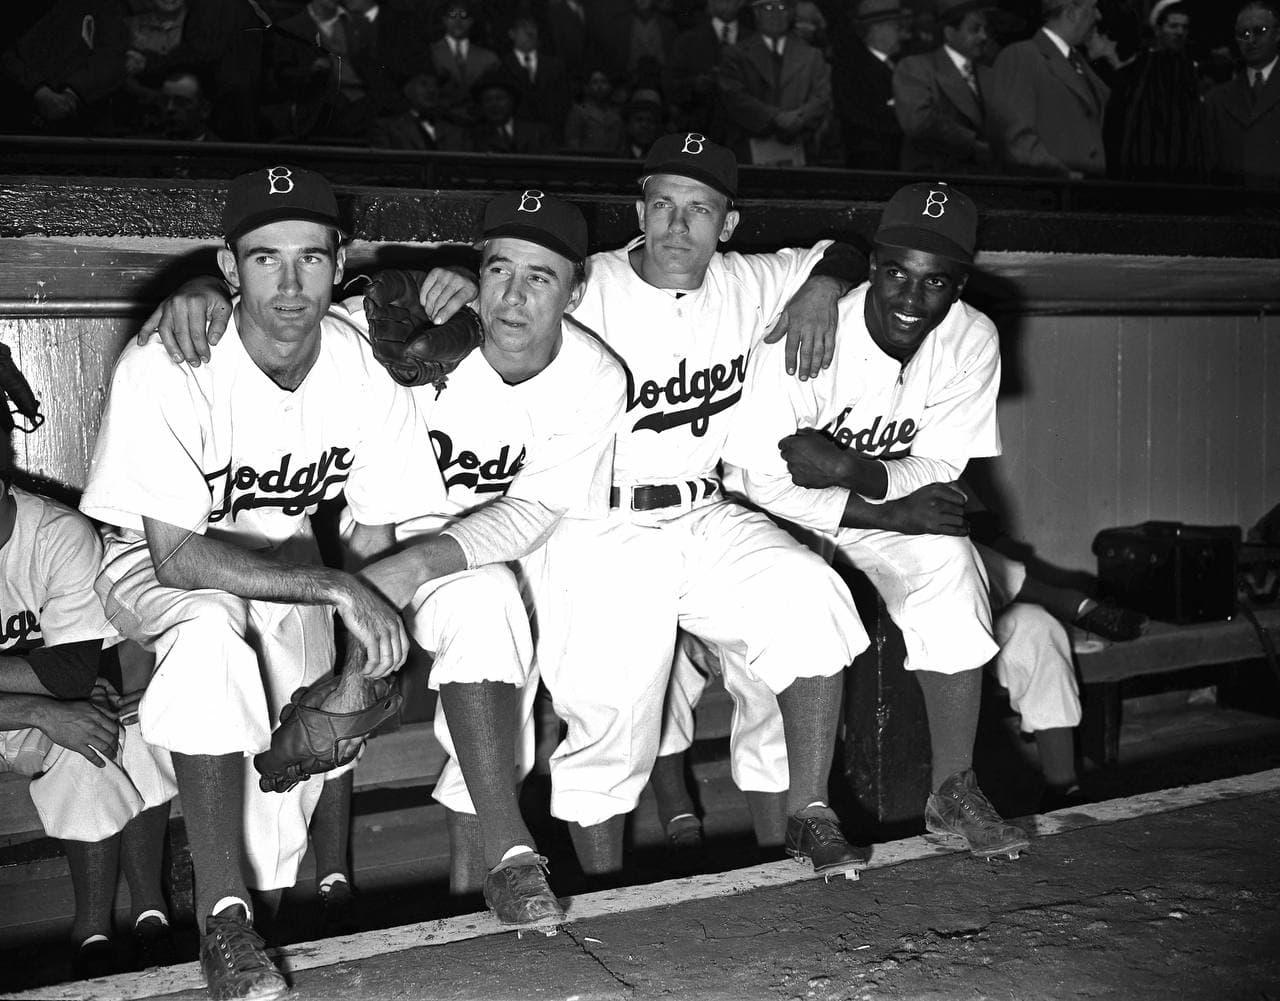 جکی رابینسن در سال 1947 به اولین بازیکن سیاه پوست تاریخ لیگ MLB تبدیل شد